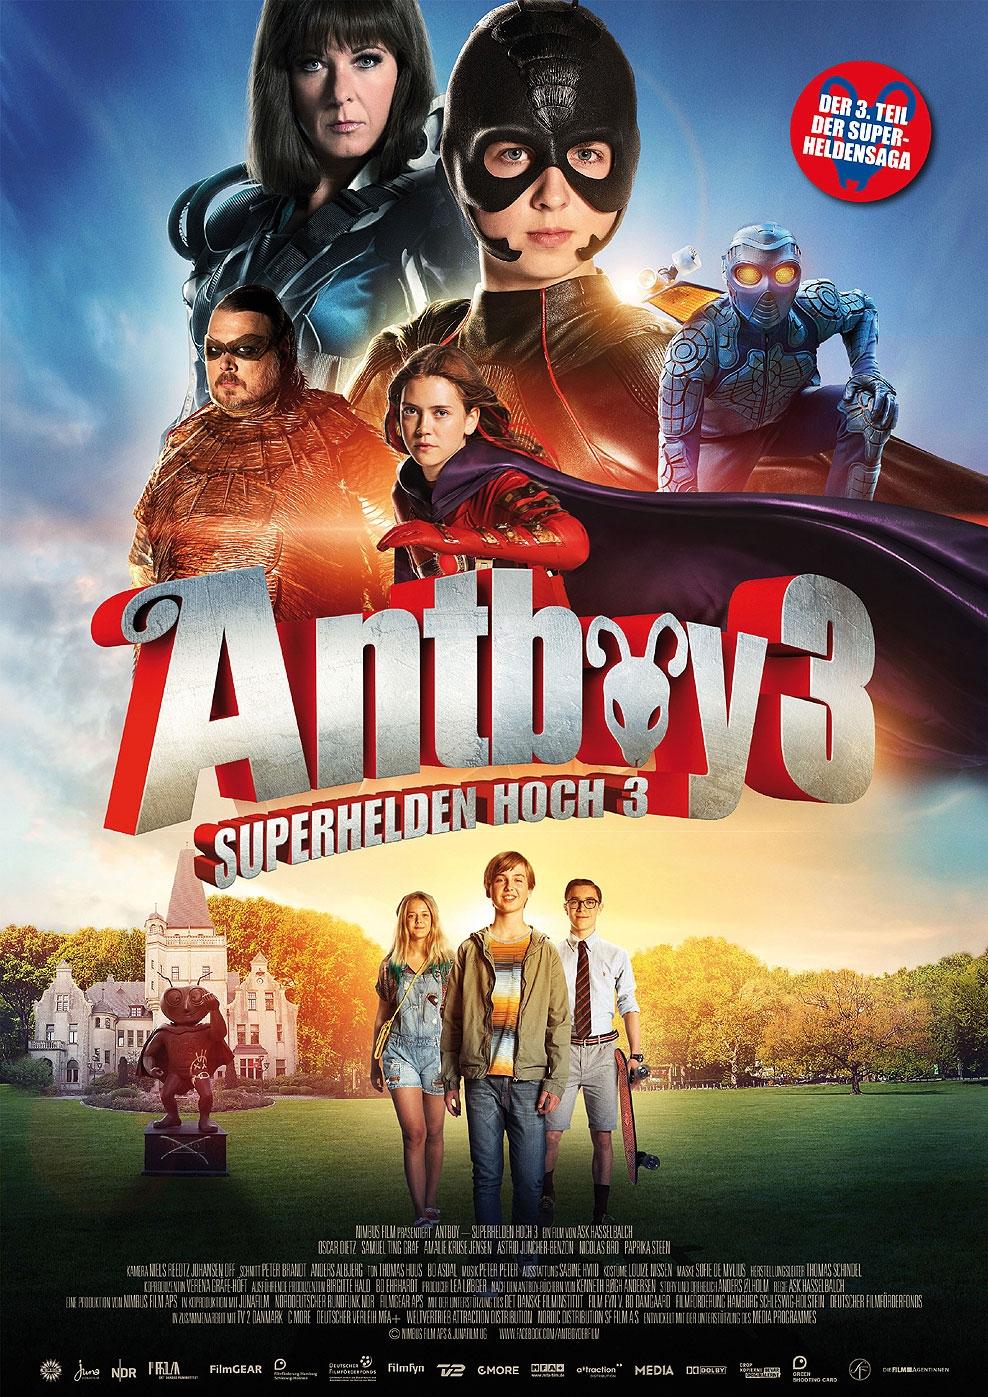 Antboy - Superhelden hoch 3 (Poster)